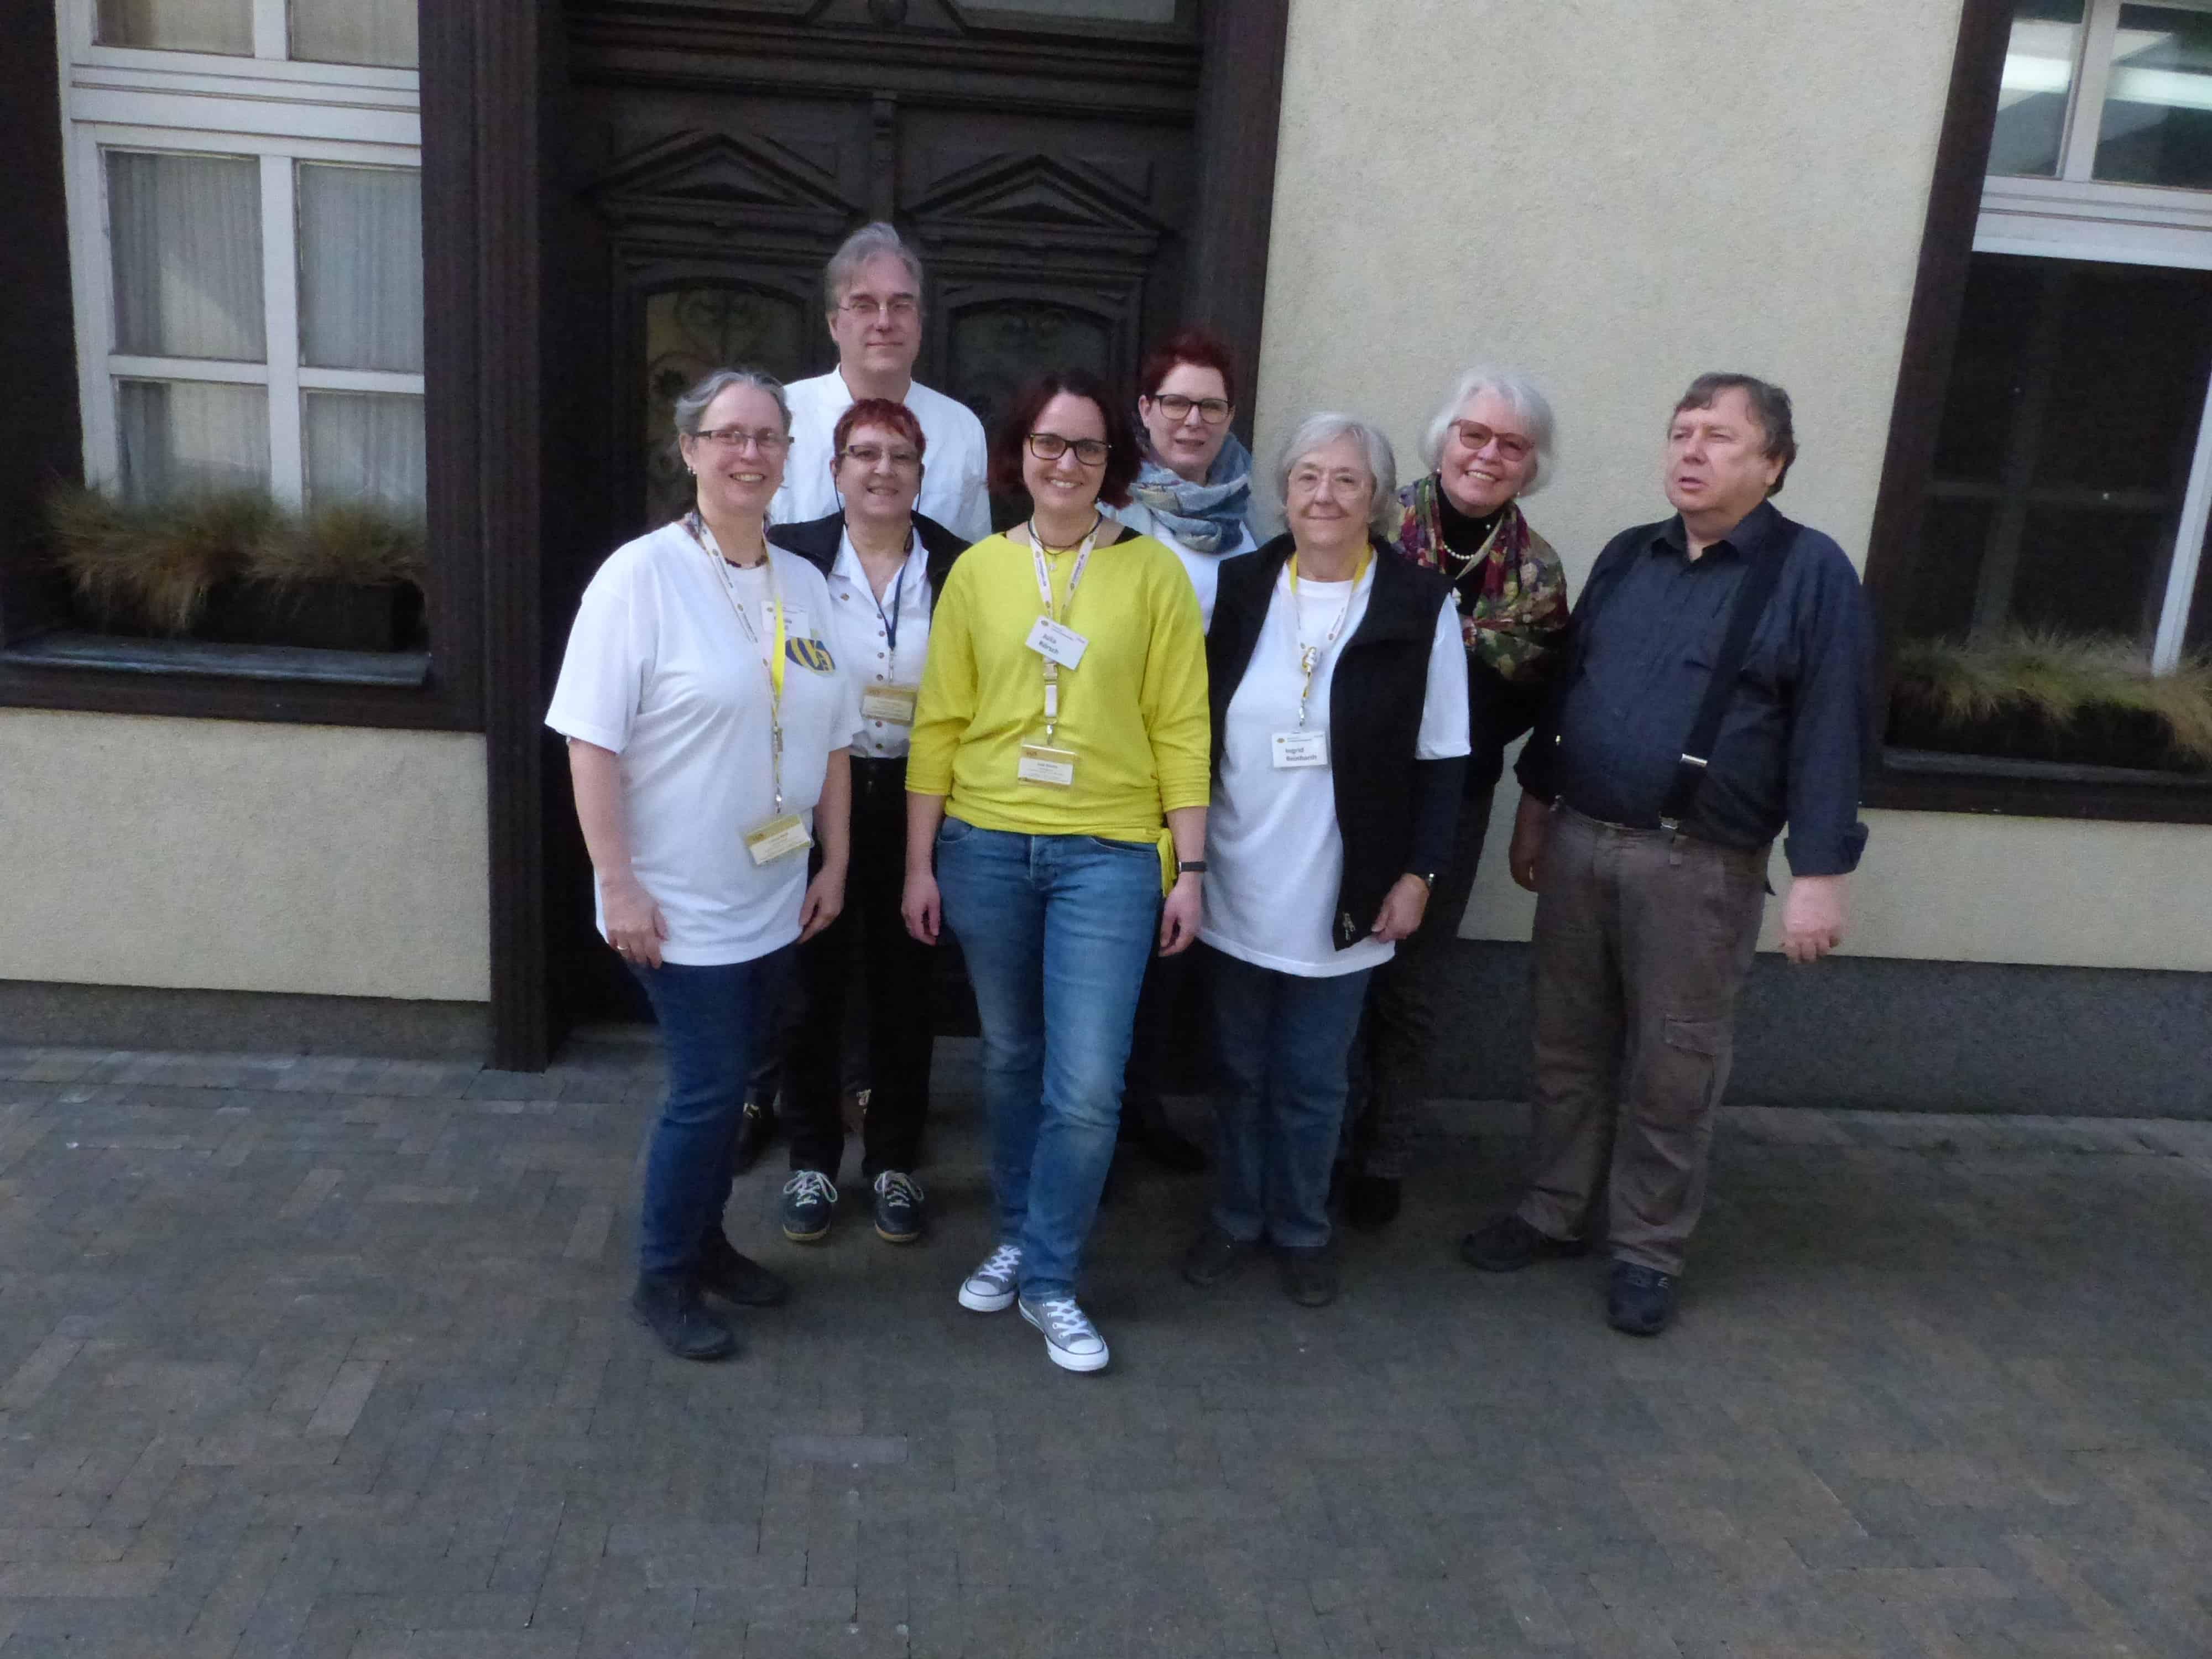 Mitgliederversammlung am 24.03.2019 in Altenberge